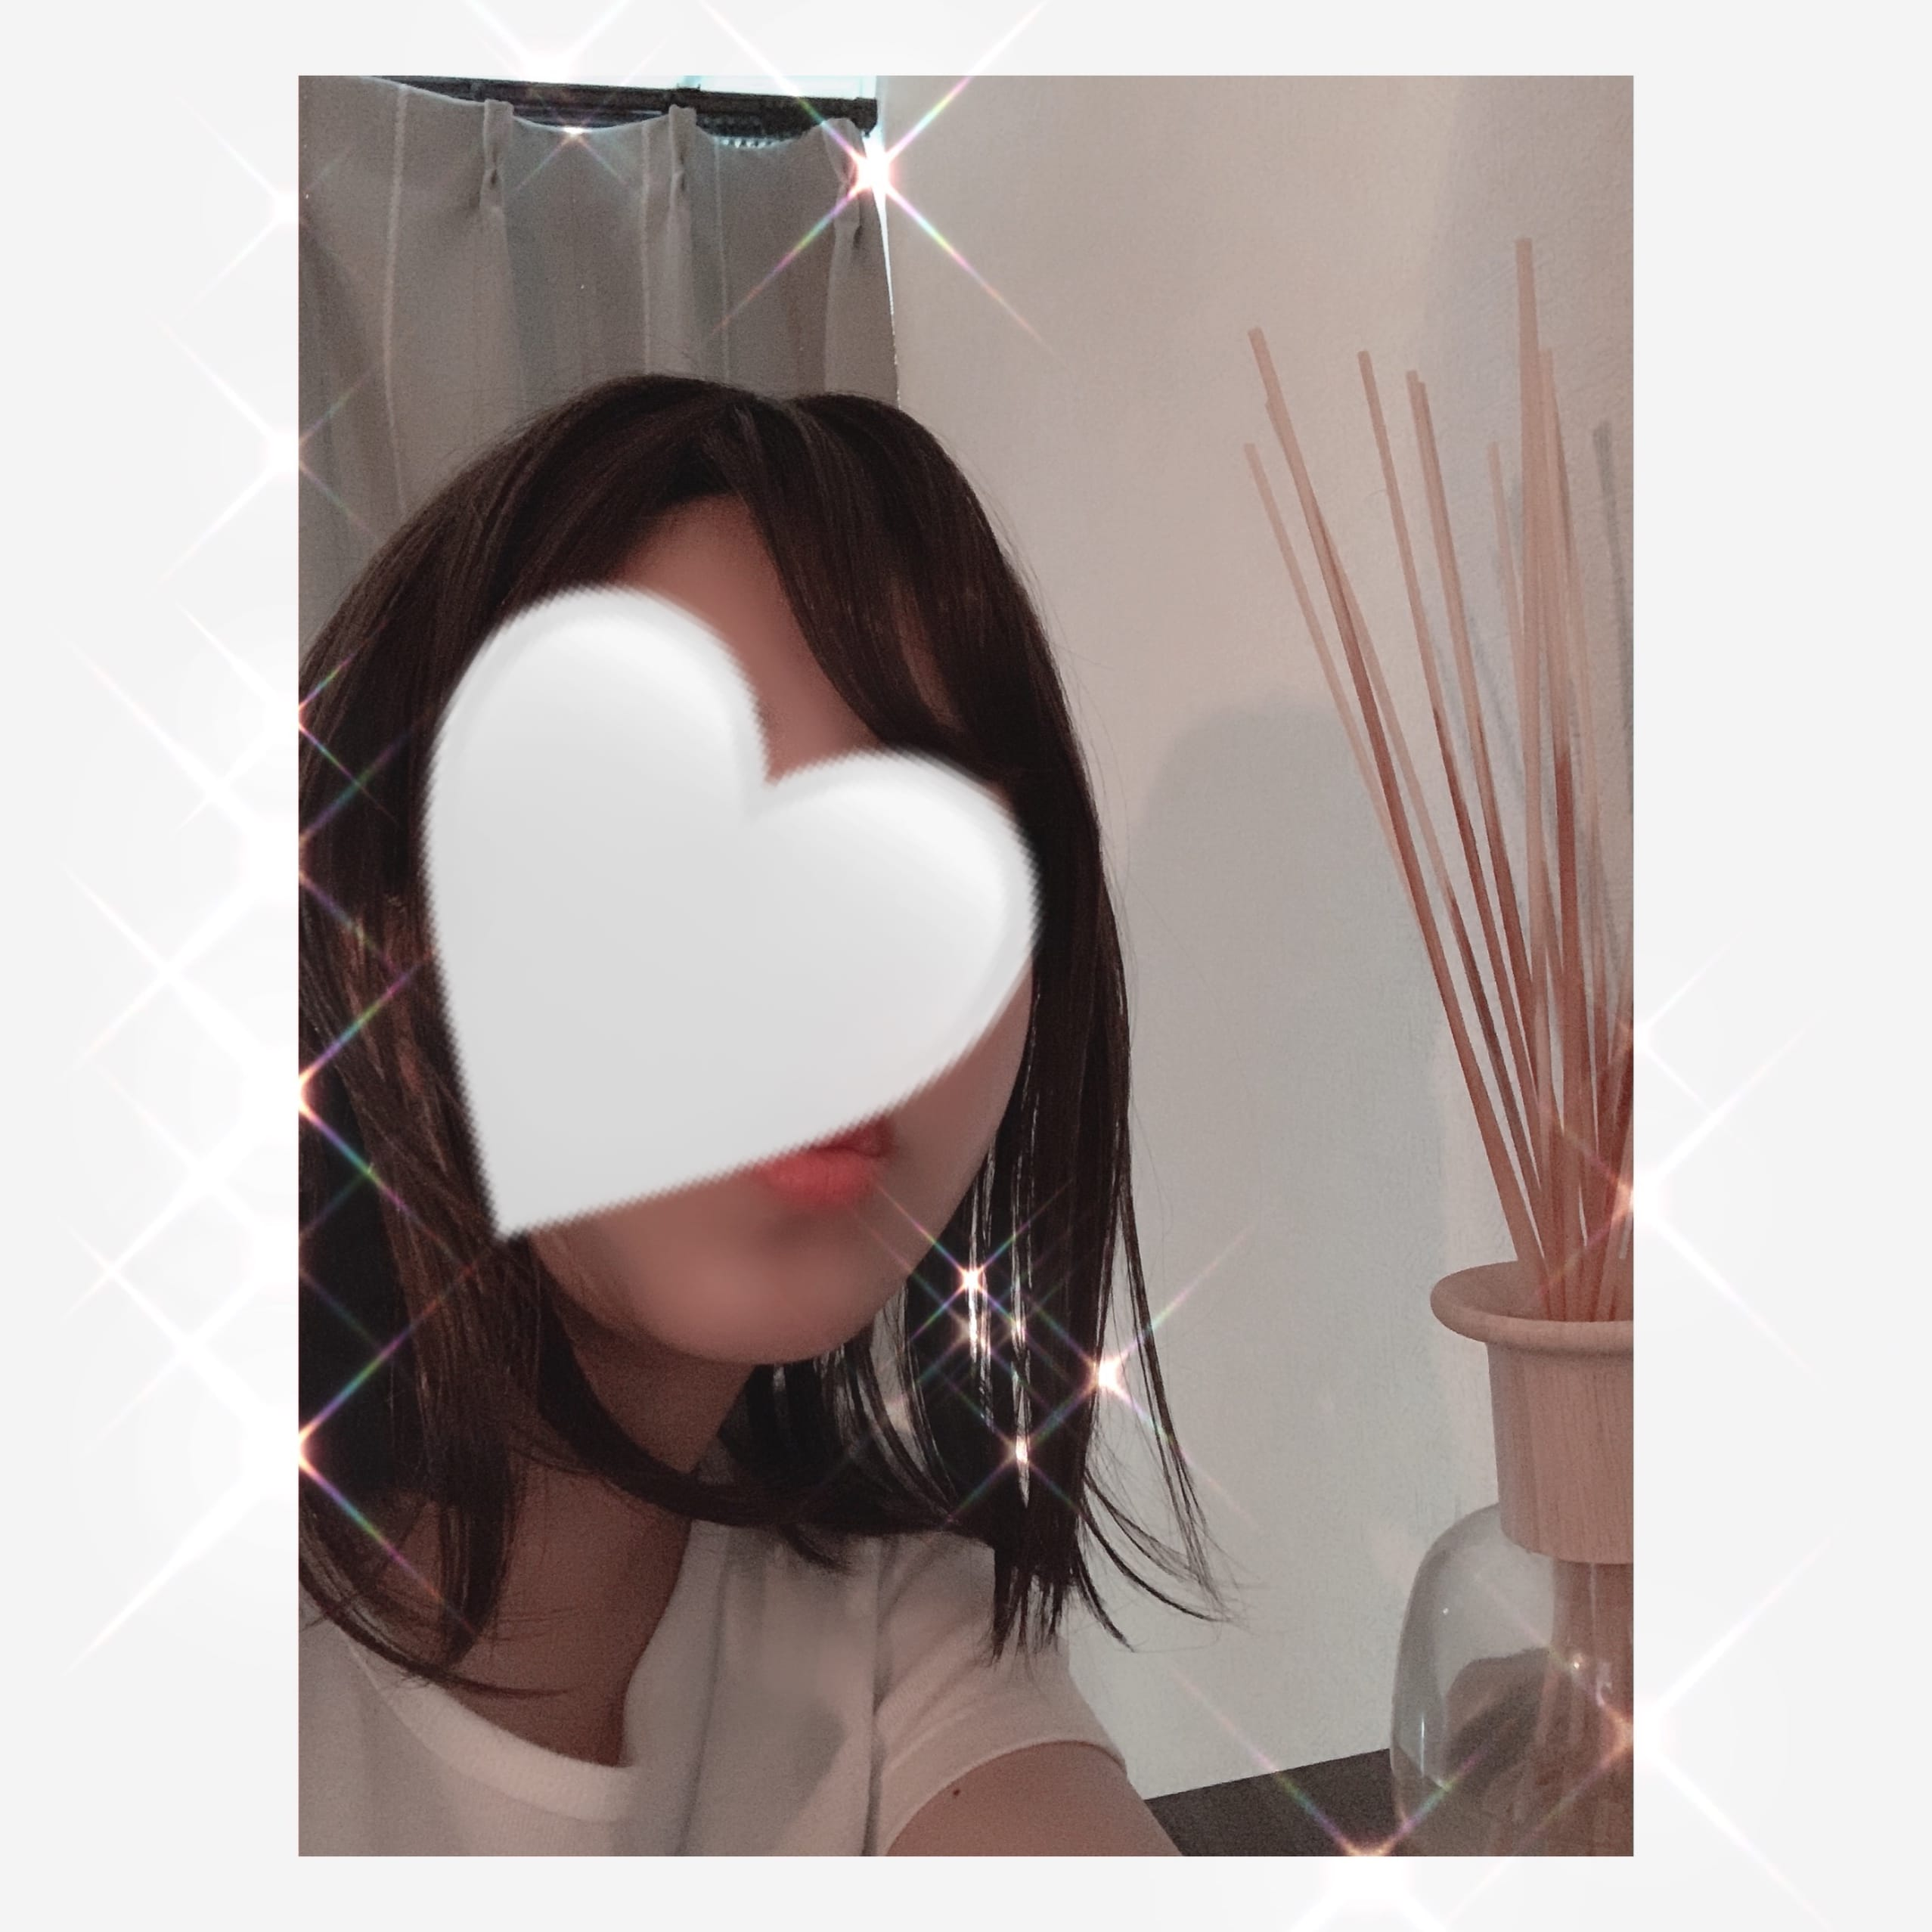 「今日もありがとうございました♪」09/25(土) 20:02 | 穂香~ほのか~の写メ日記